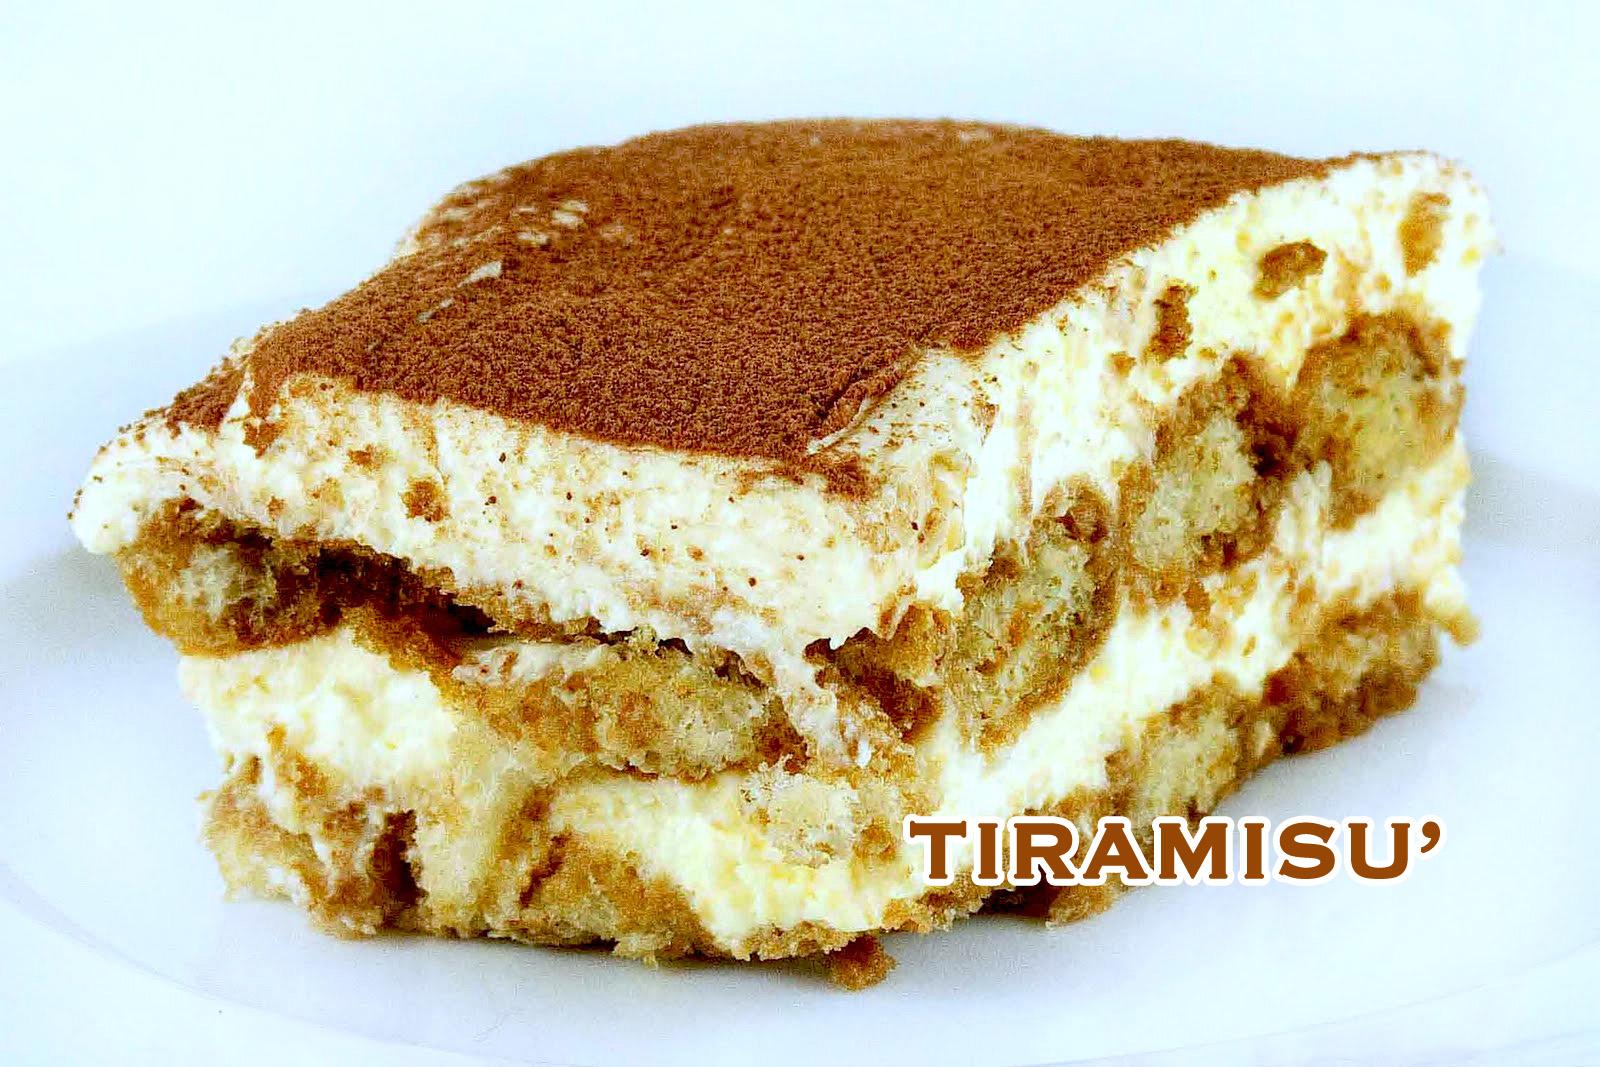 Ricetta Tiramisu In Inglese.Tiramisu Classico La Ricetta Perfetta Della Tradizione Italiana